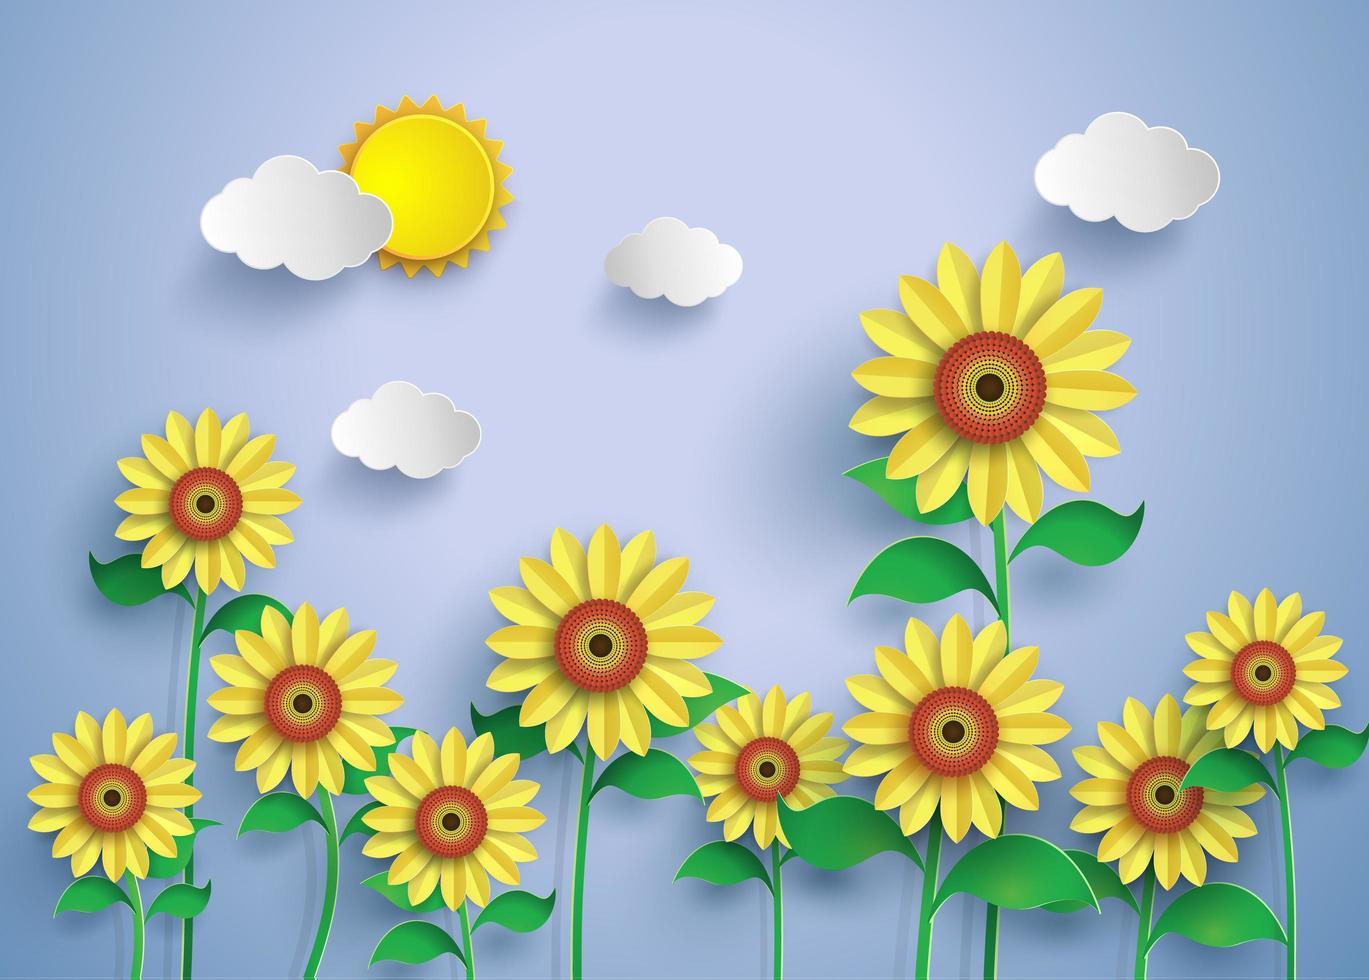 Feld der Sonnenblumen vektor